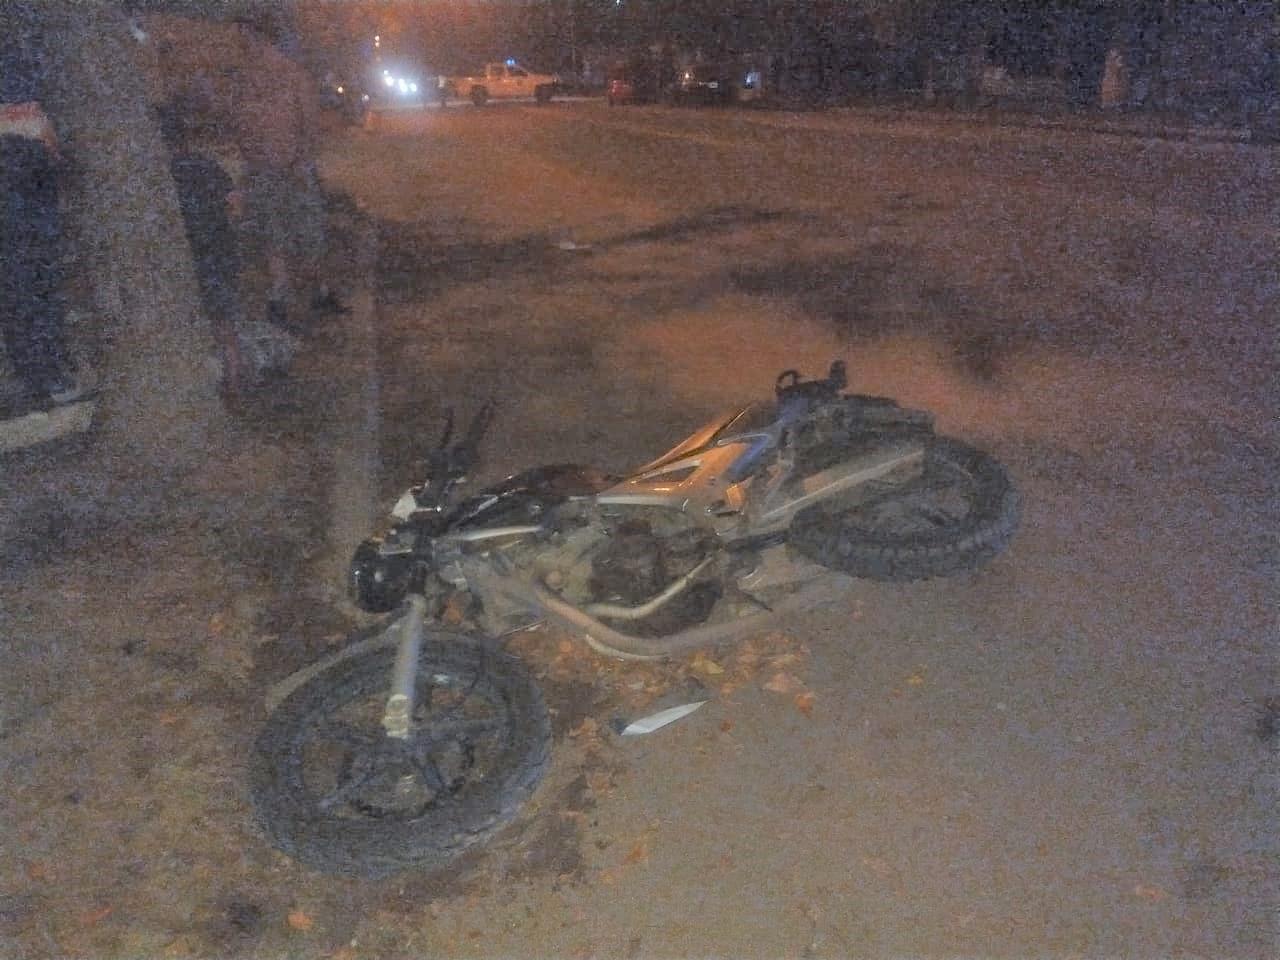 Choque entre auto y moto en calle 40 y 29 bis: Joven motociclista fue hospitalizado